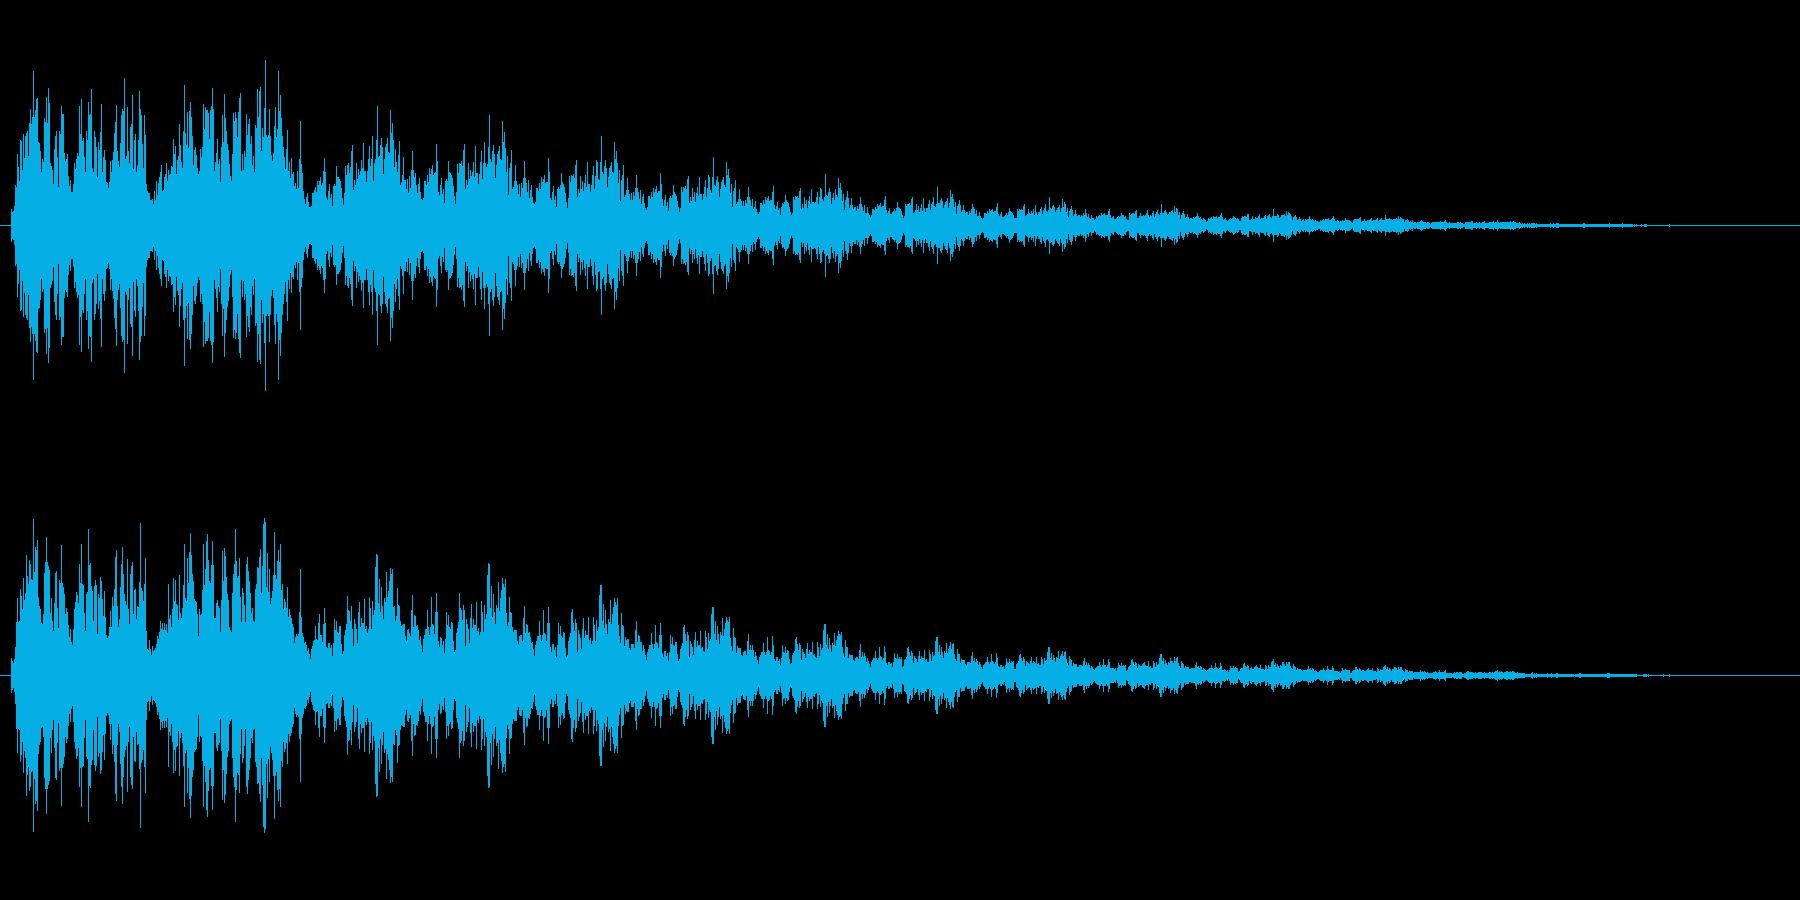 シュルル(ゲージアップ)の再生済みの波形